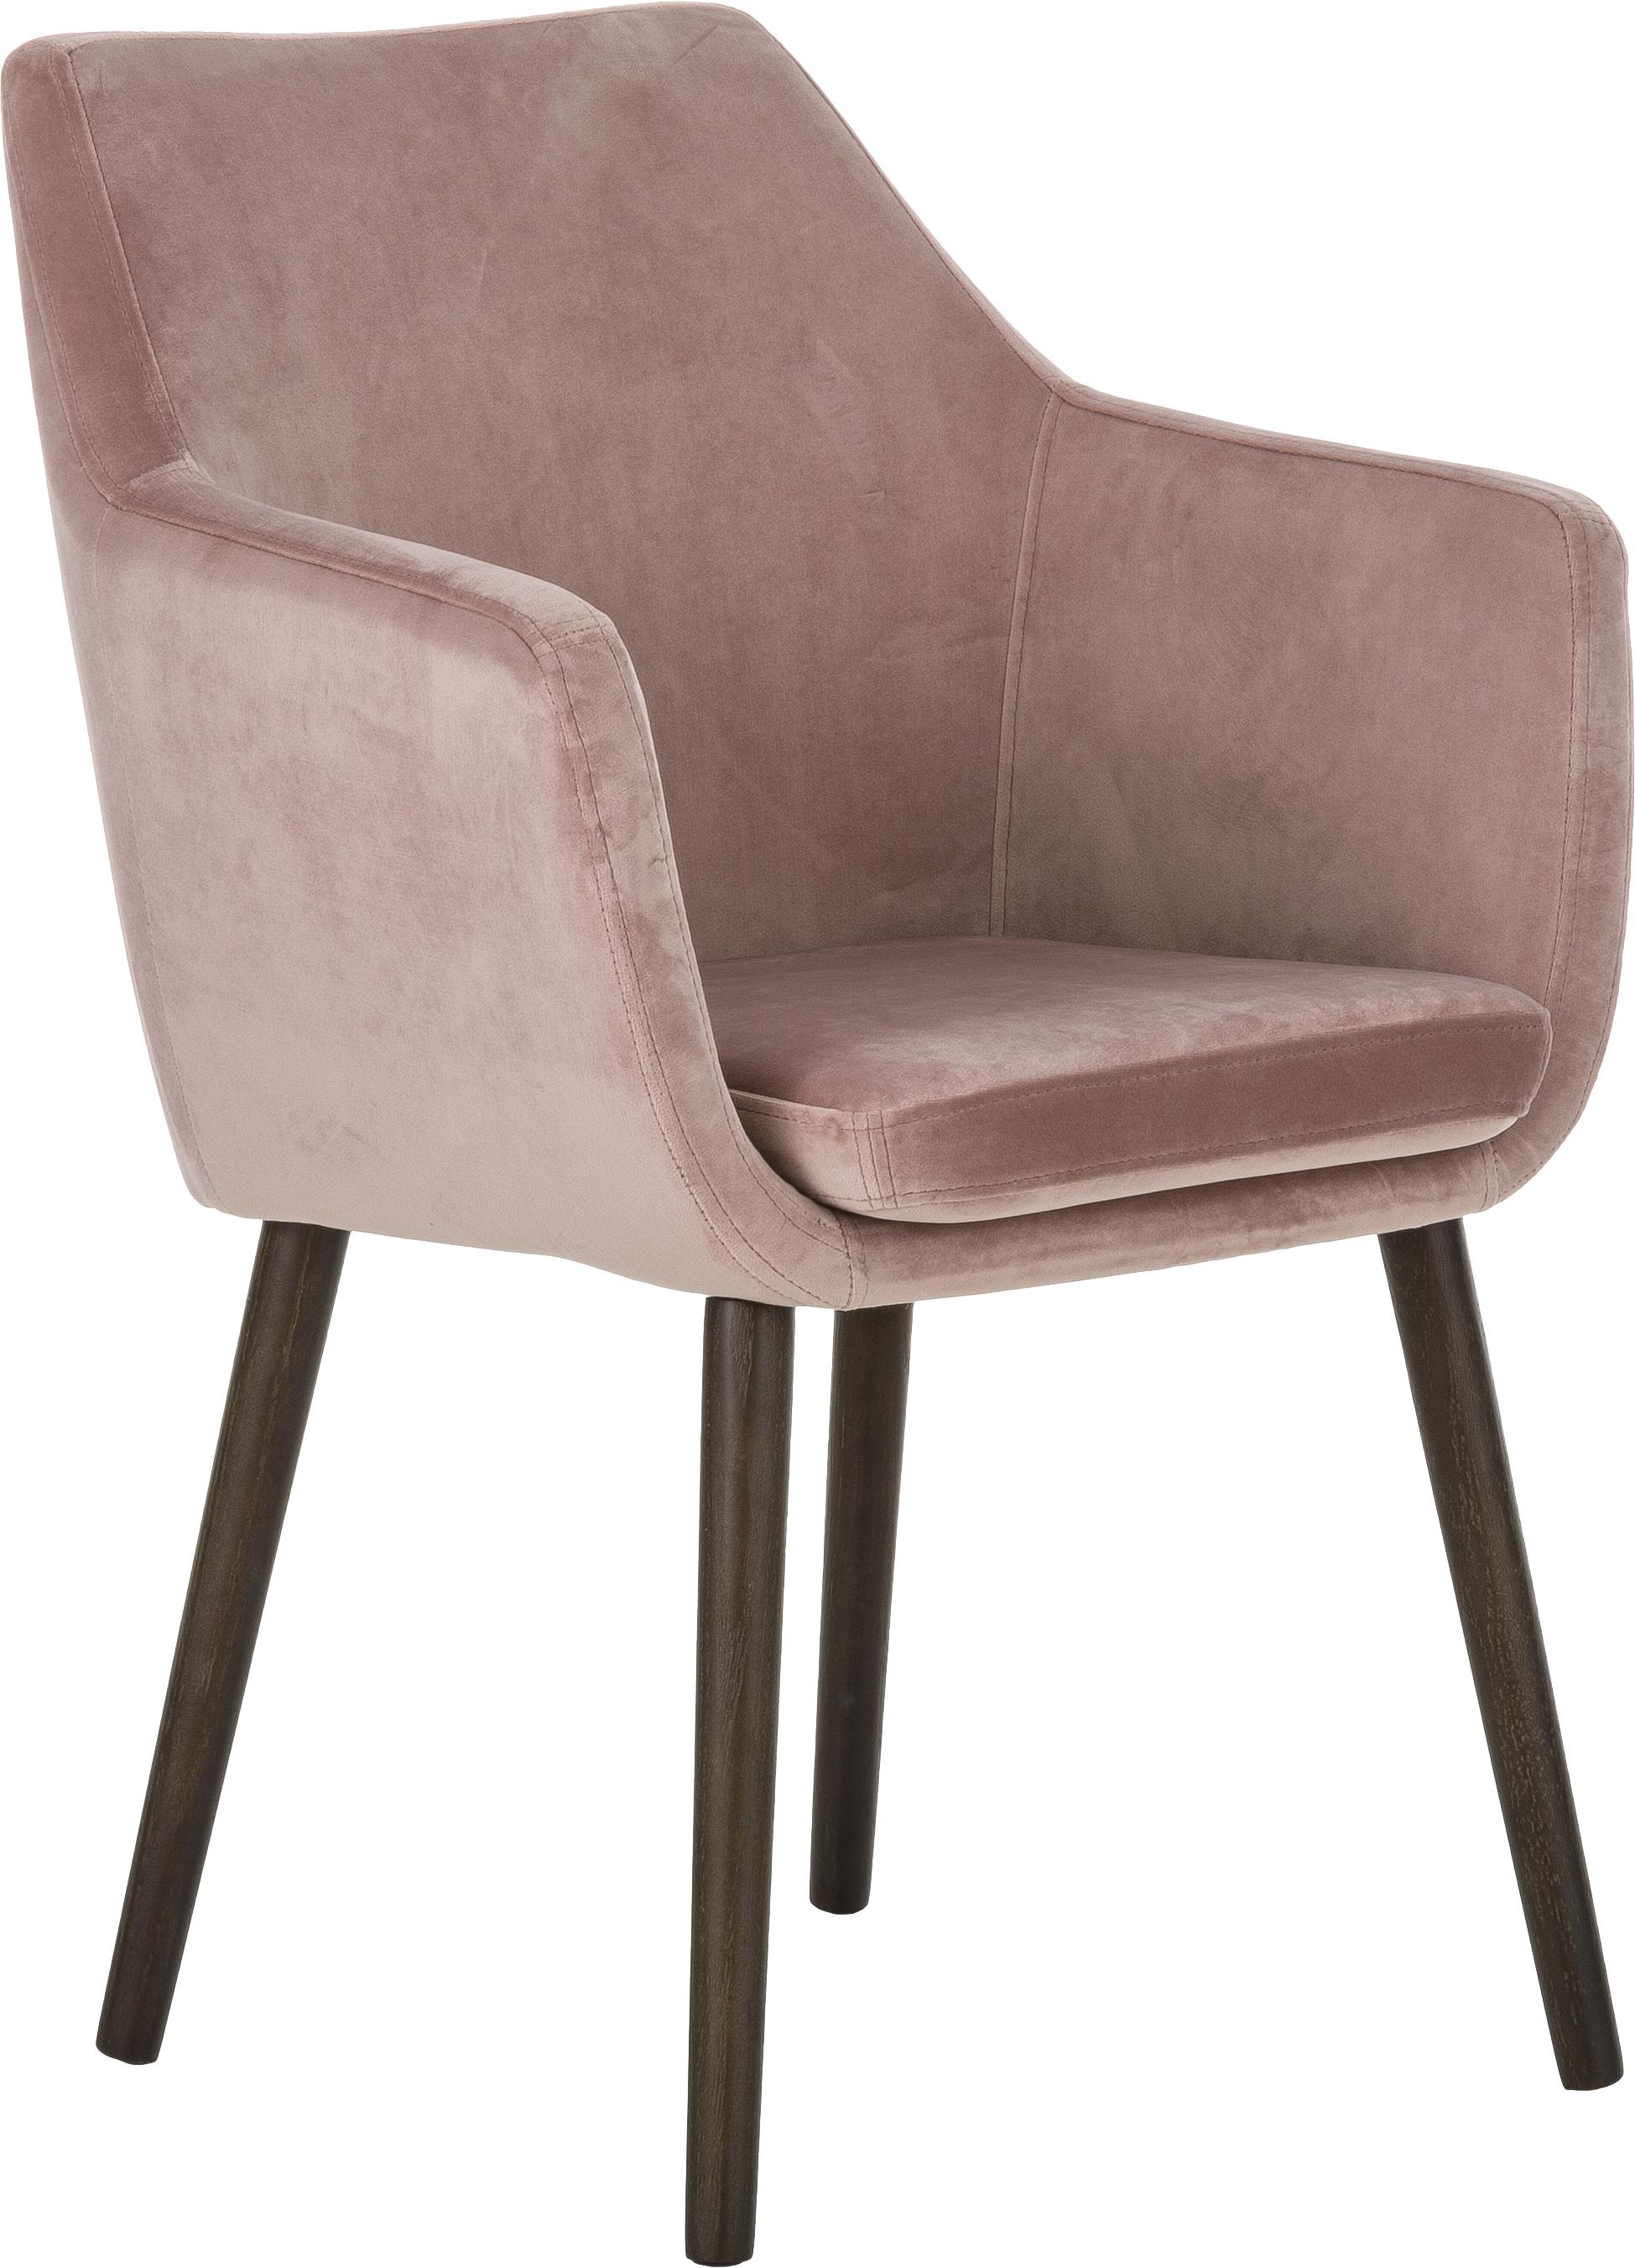 Fluwelen armstoel Nora, Bekleding: polyester (fluweel), Poten: gebeitst eikenhout, Fluweel roze, poten donkerbruin, 58 x 84 cm